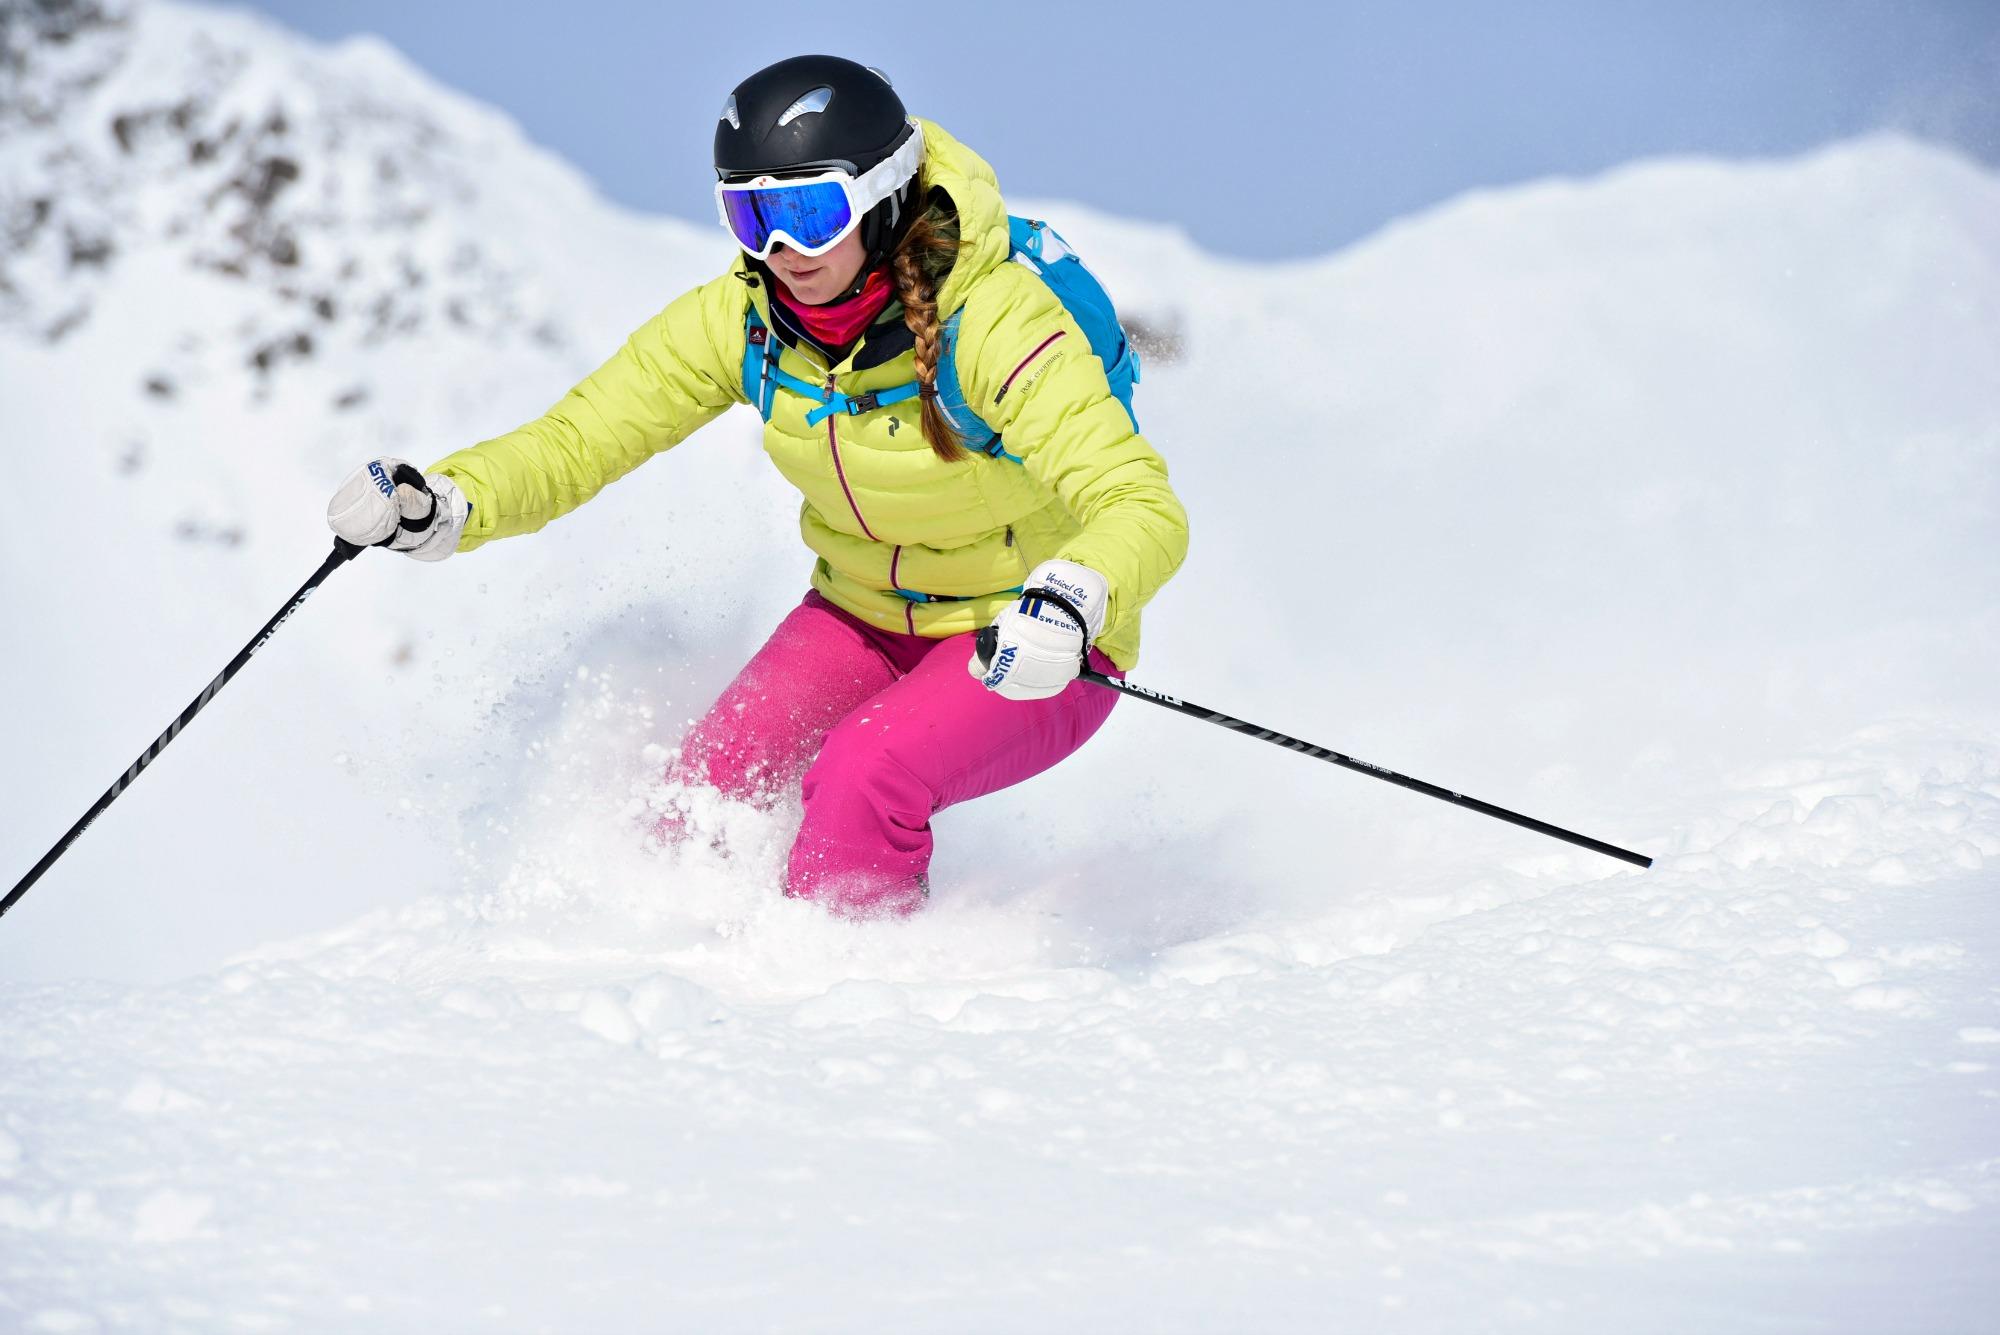 Fitnessblog-kästle-ski-klara-fuchs-österreich-blogger-sport-winter5